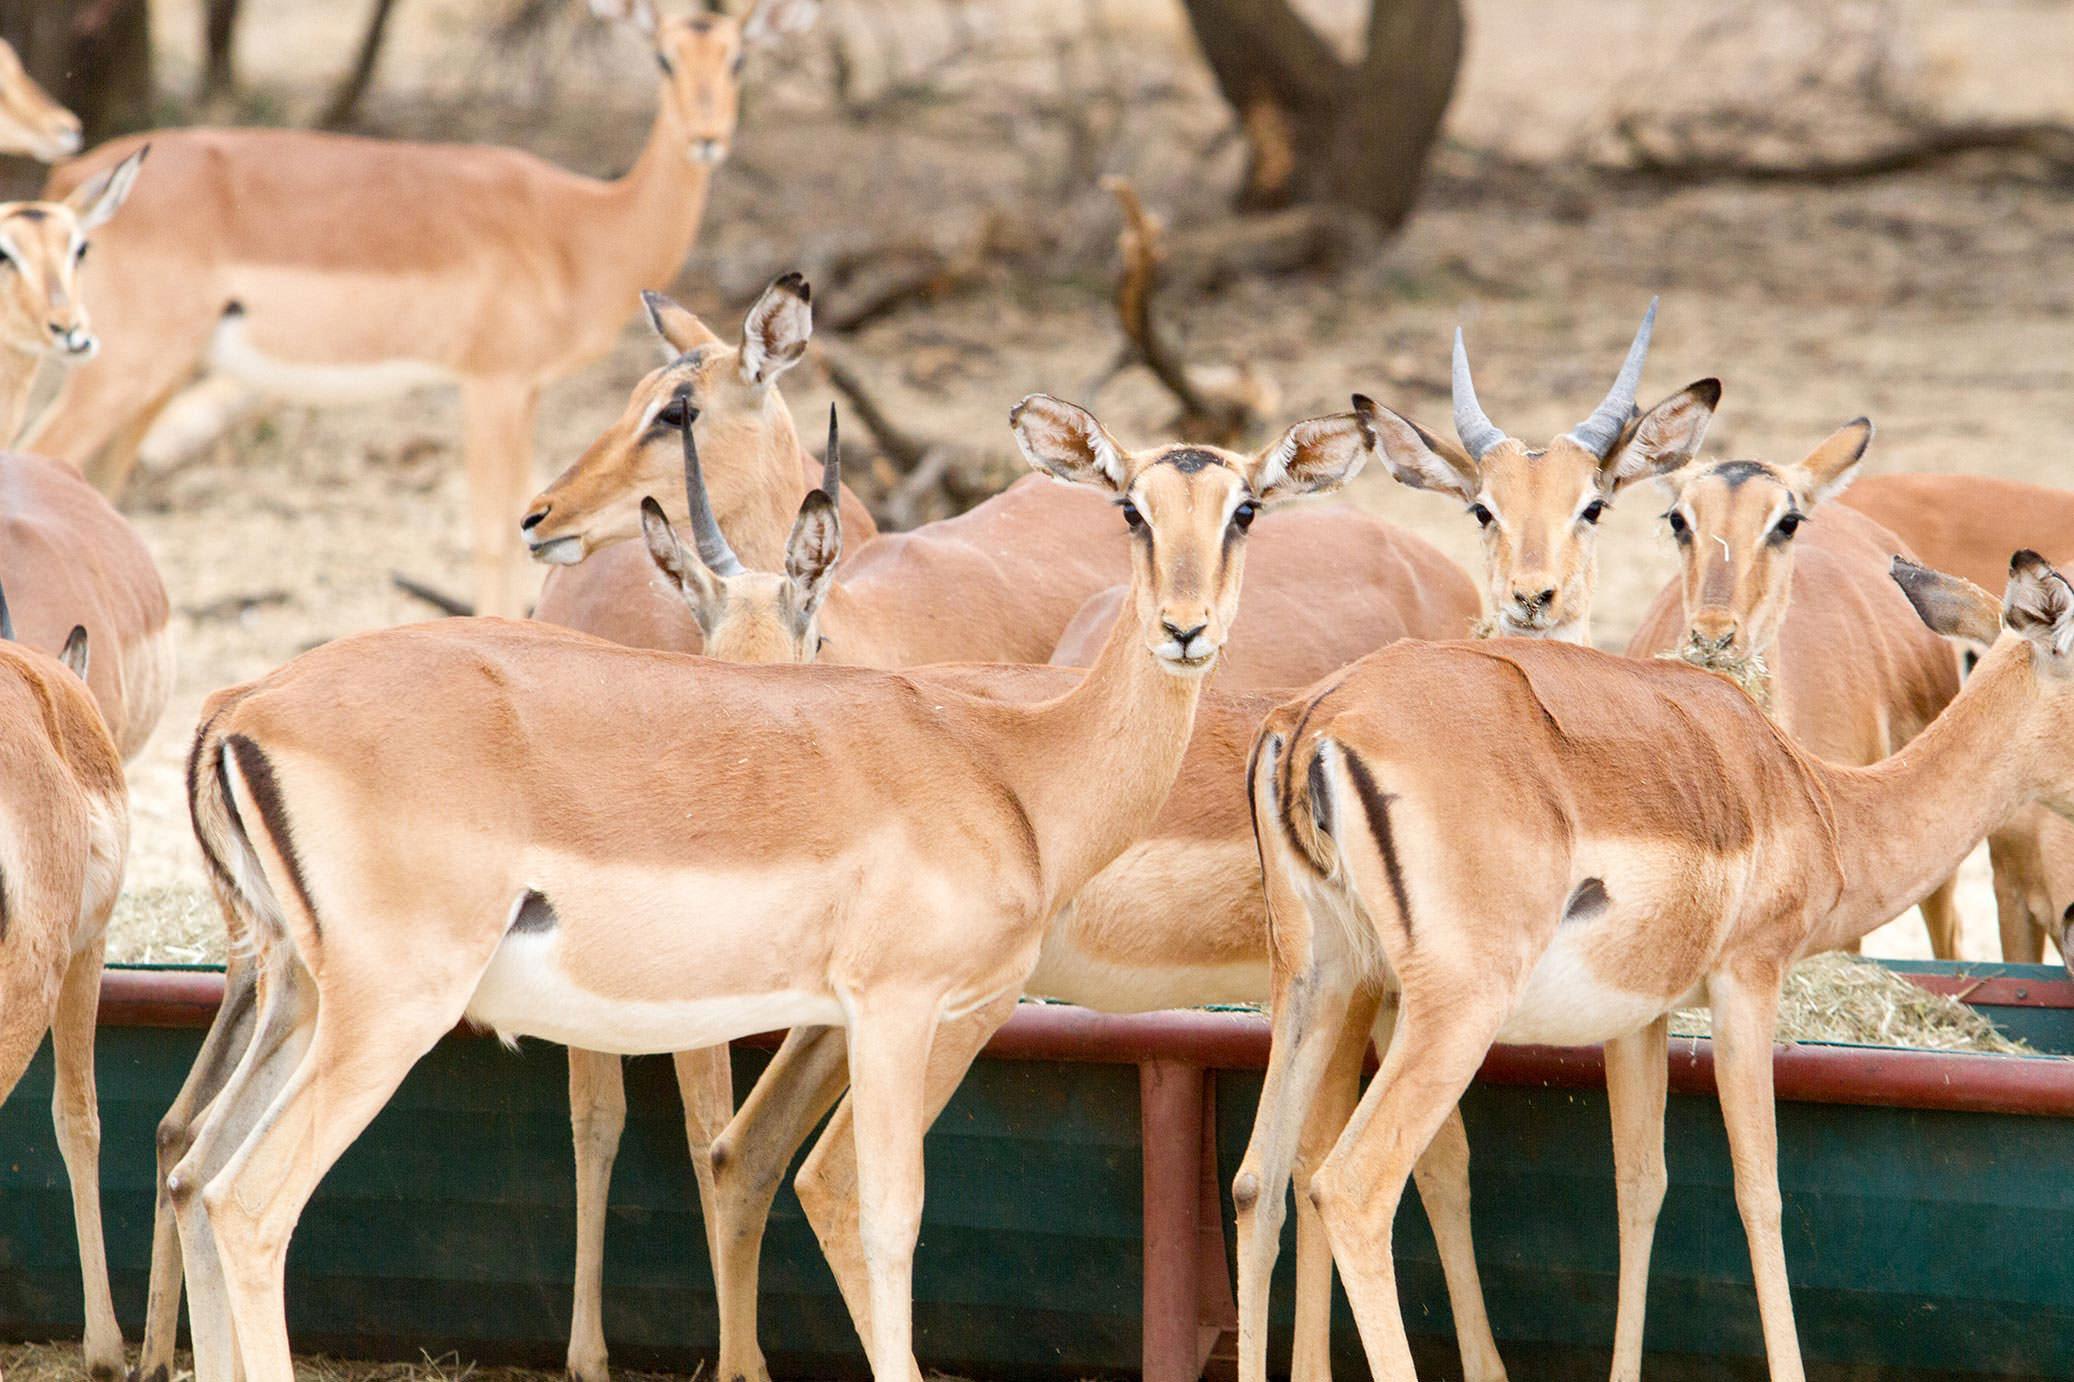 amanzi private game reserve - Bokke 5 - Amanzi Private Game Reserve